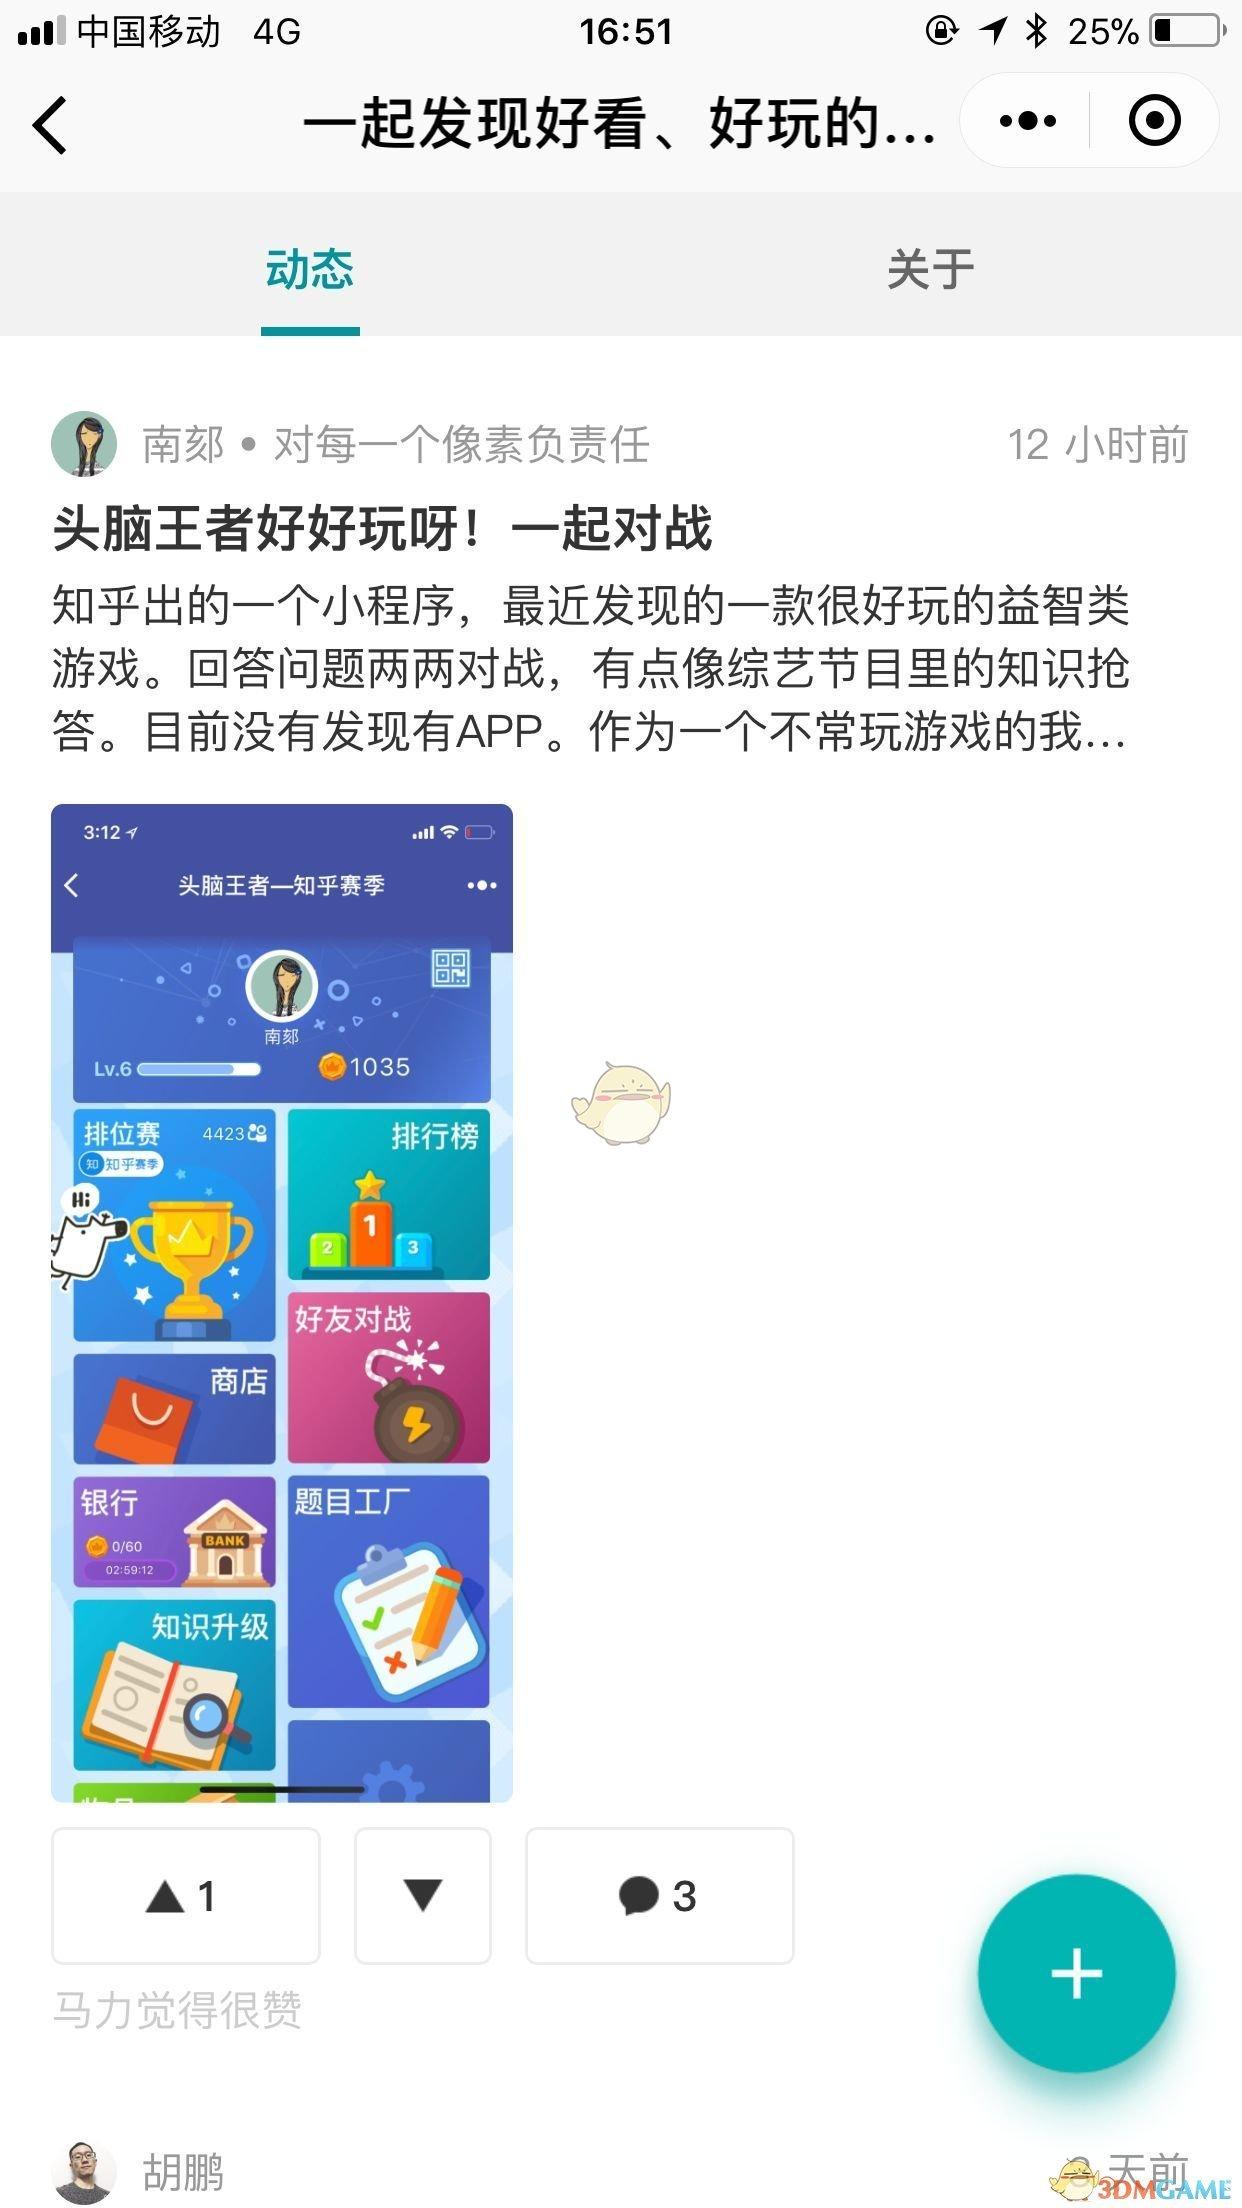 《微信》下拉小程序菜单功能介绍